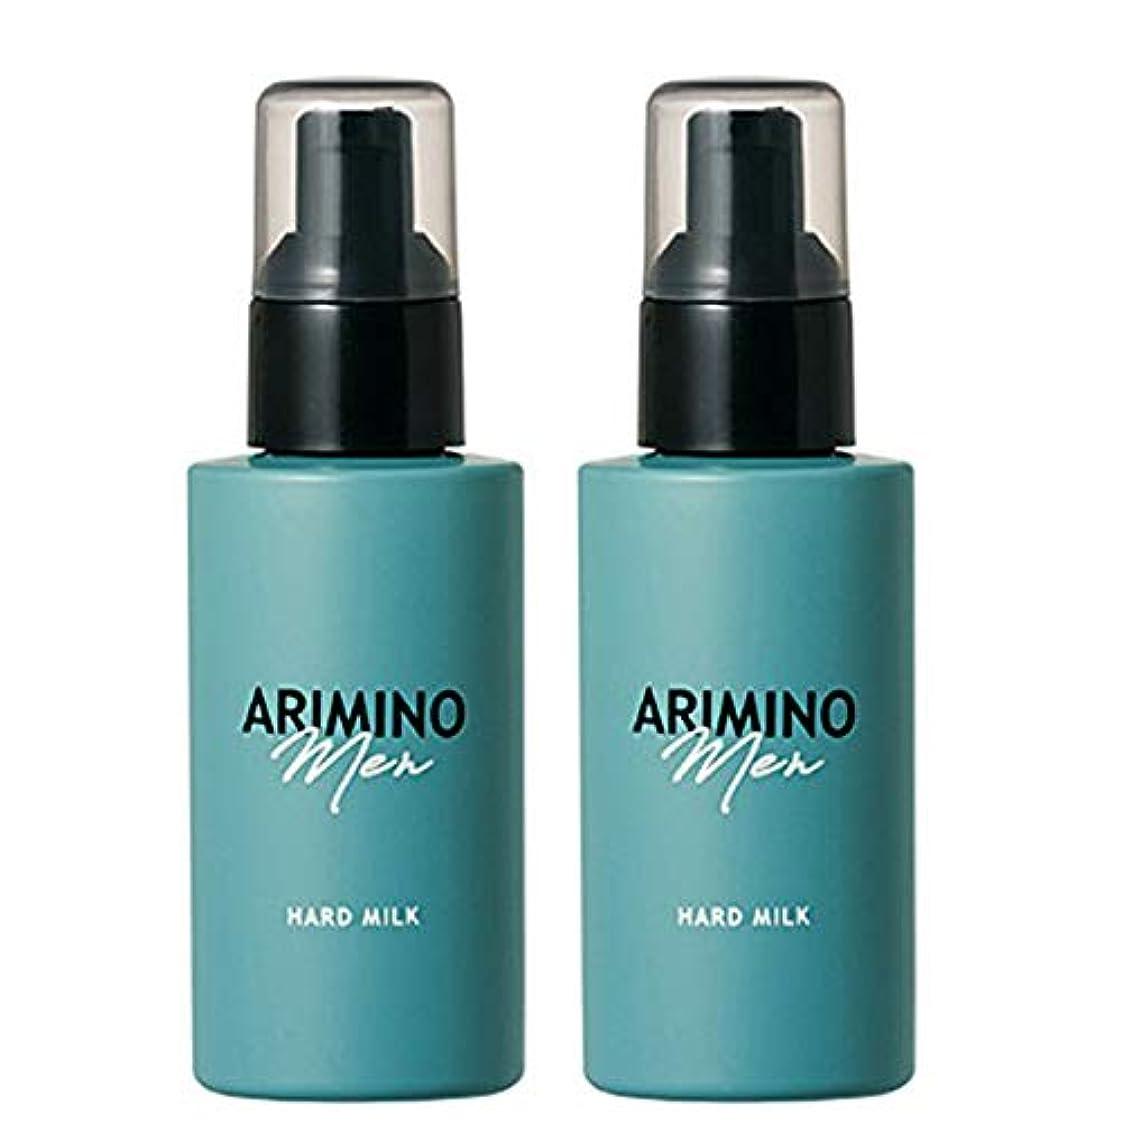 コンベンション電気のクマノミアリミノ メン ハード ミルク 100g ×2個 セット arimino men